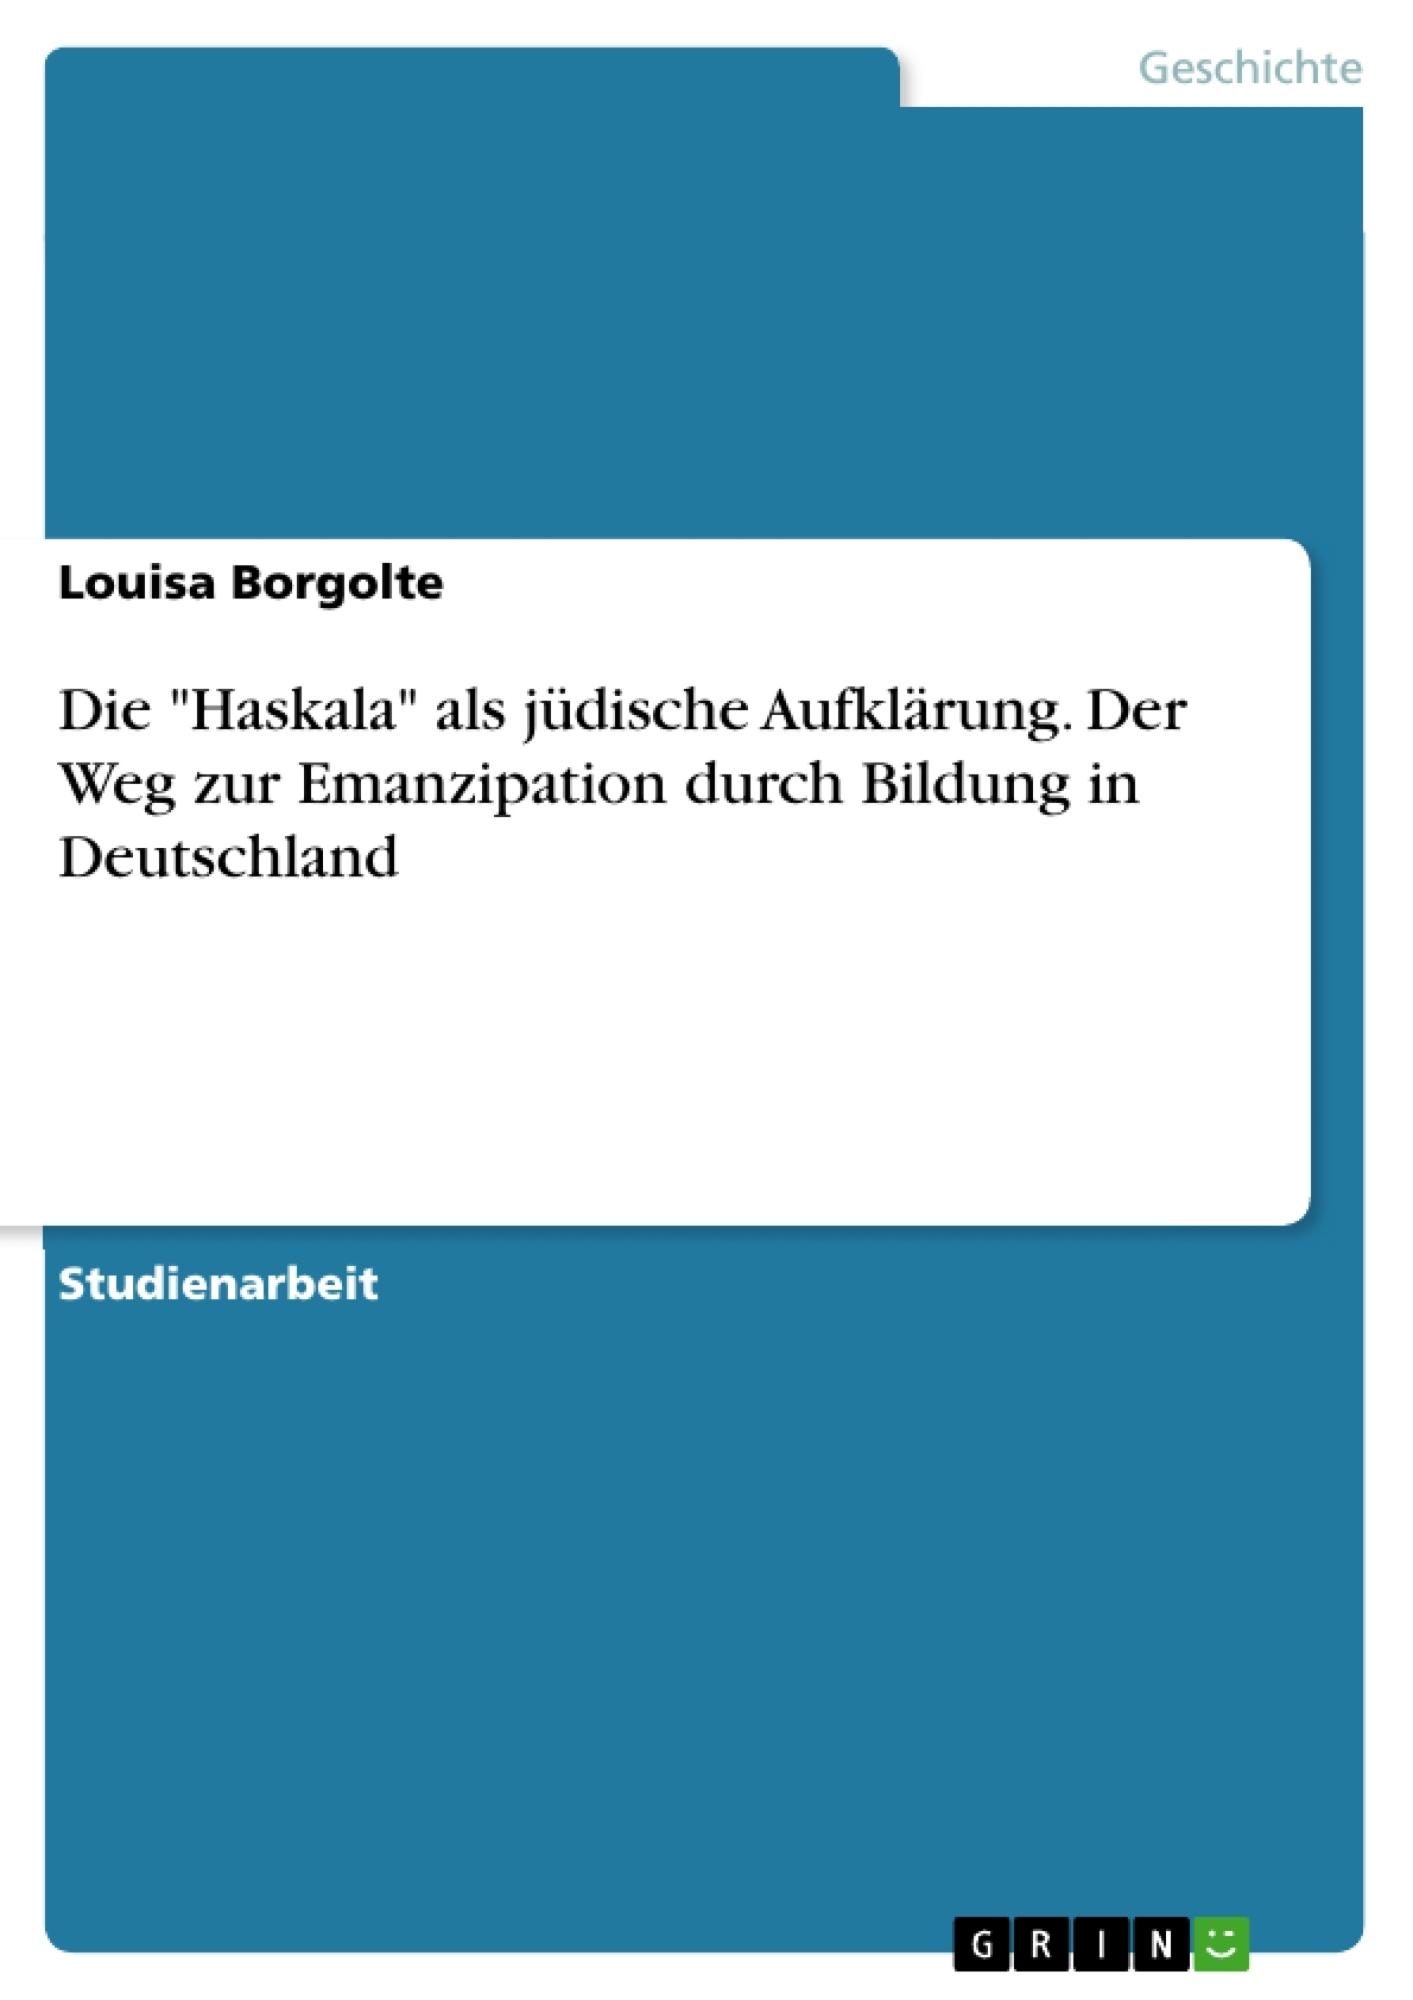 """Titel: Die """"Haskala"""" als jüdische Aufklärung. Der Weg zur Emanzipation durch Bildung in Deutschland"""